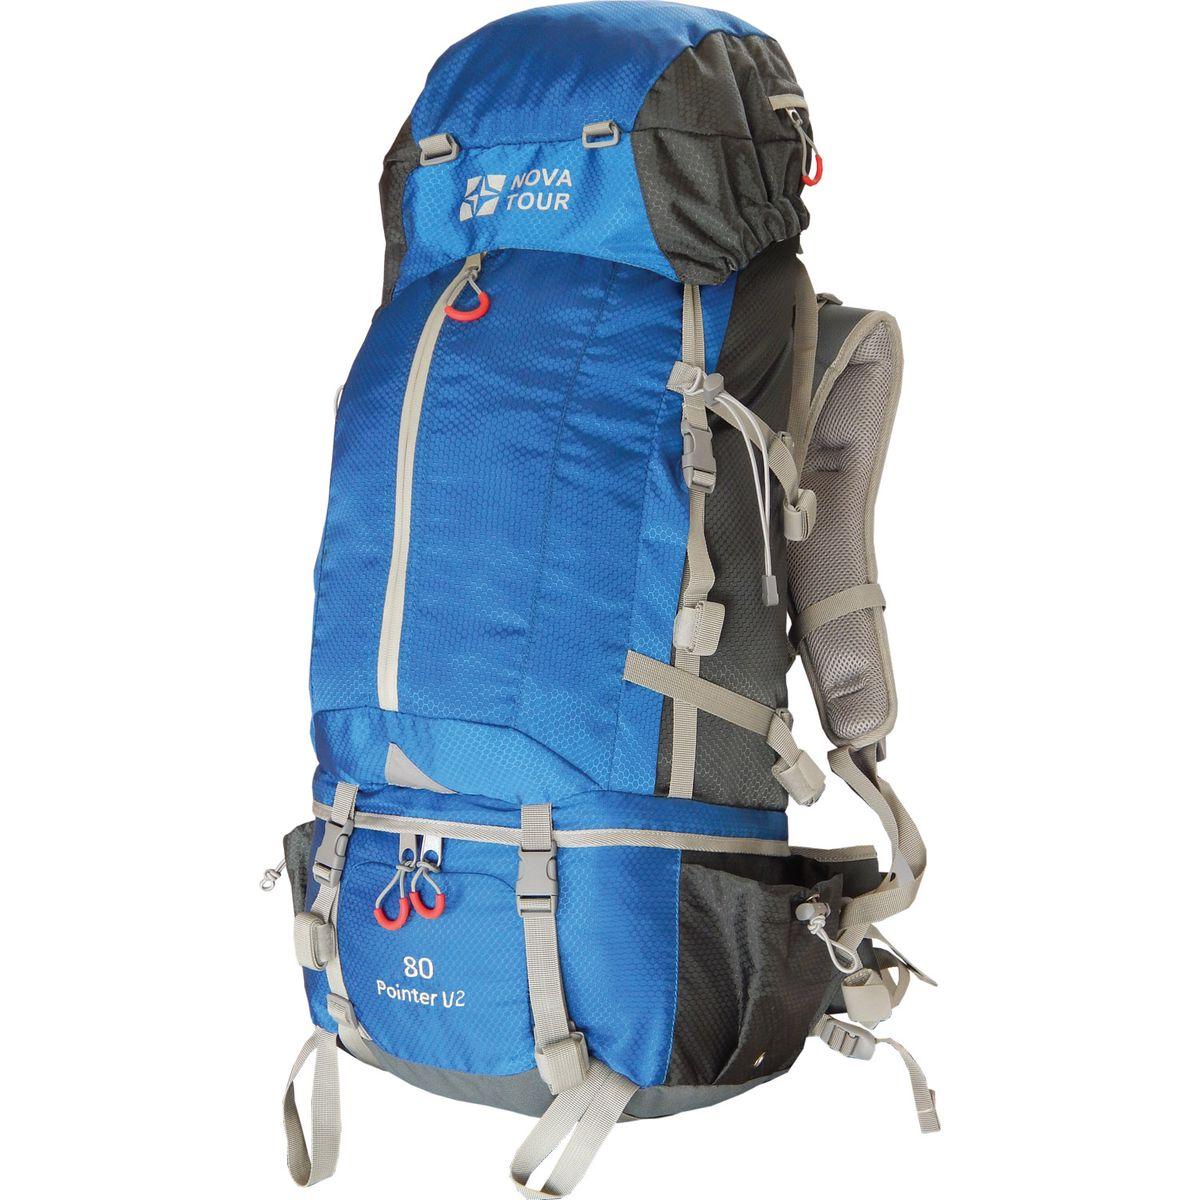 Рюкзак Nova Tour Пойнтер 80 V2, цвет: серый, синий, 80 л